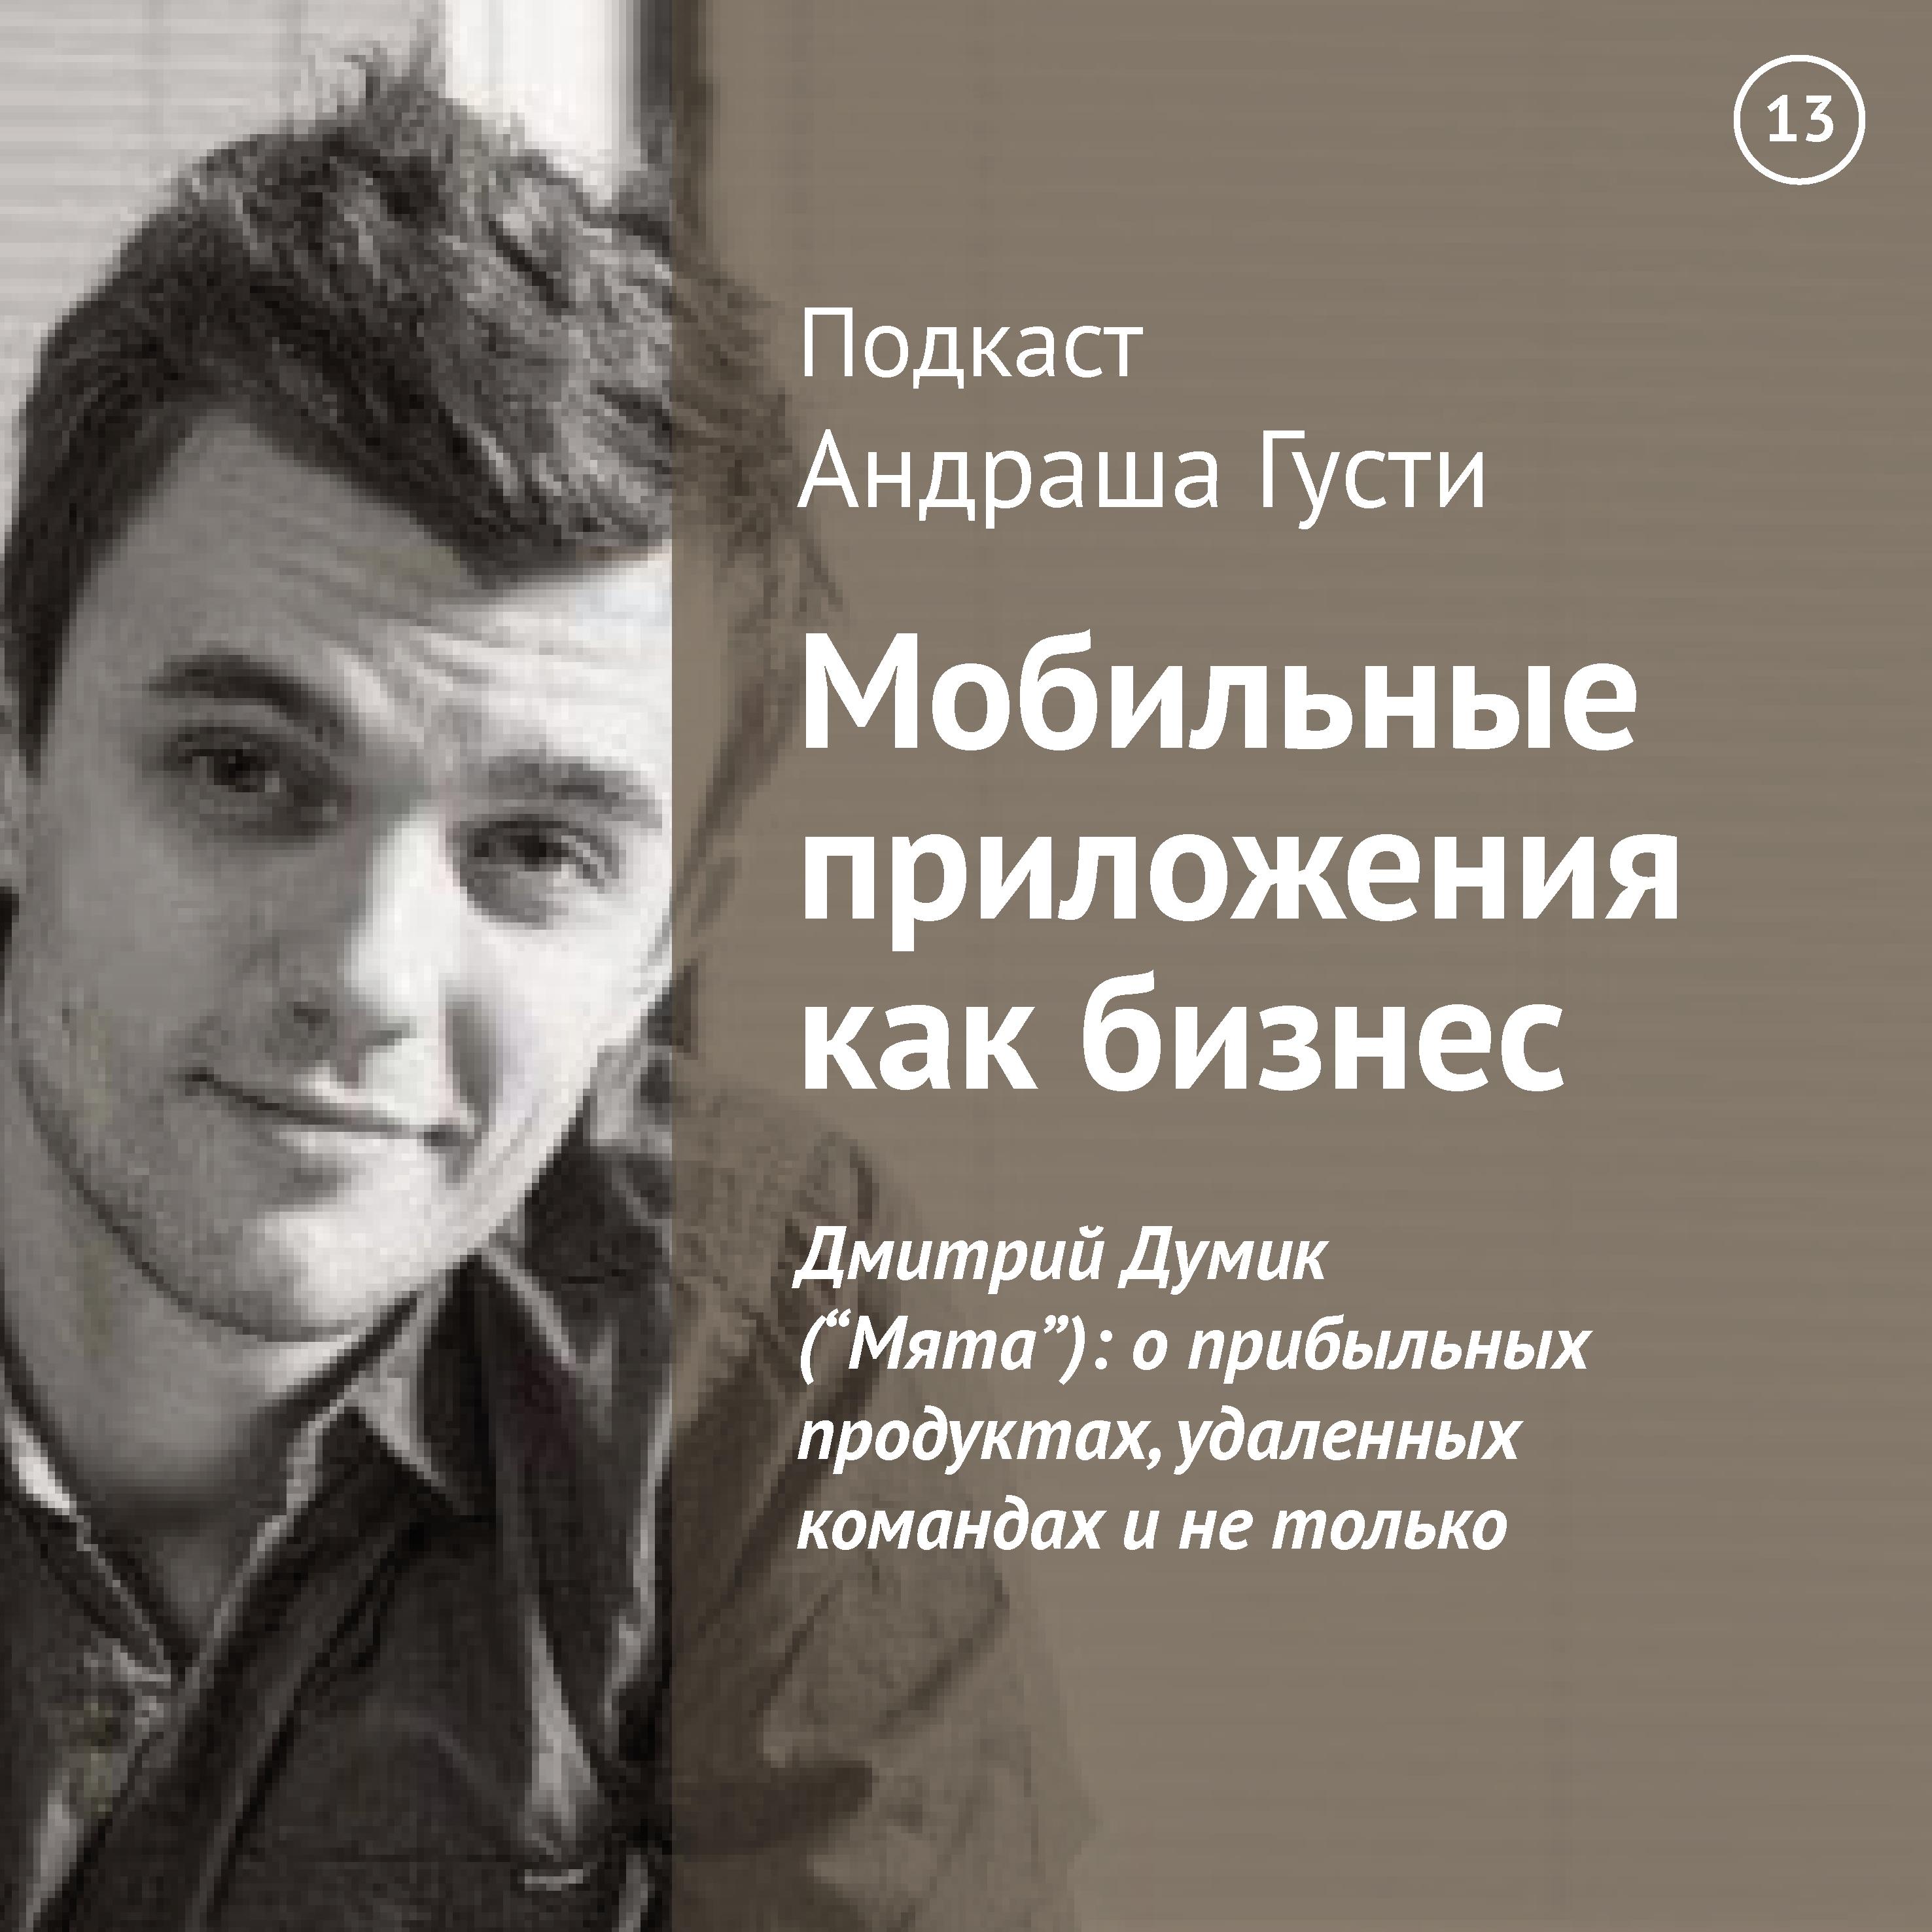 Андраш Густи Дмитрий Думик («Мята»): о прибыльных продуктах, удаленных командах и не только максим спиридонов дмитрий комиссаров основатель проекта мойофис